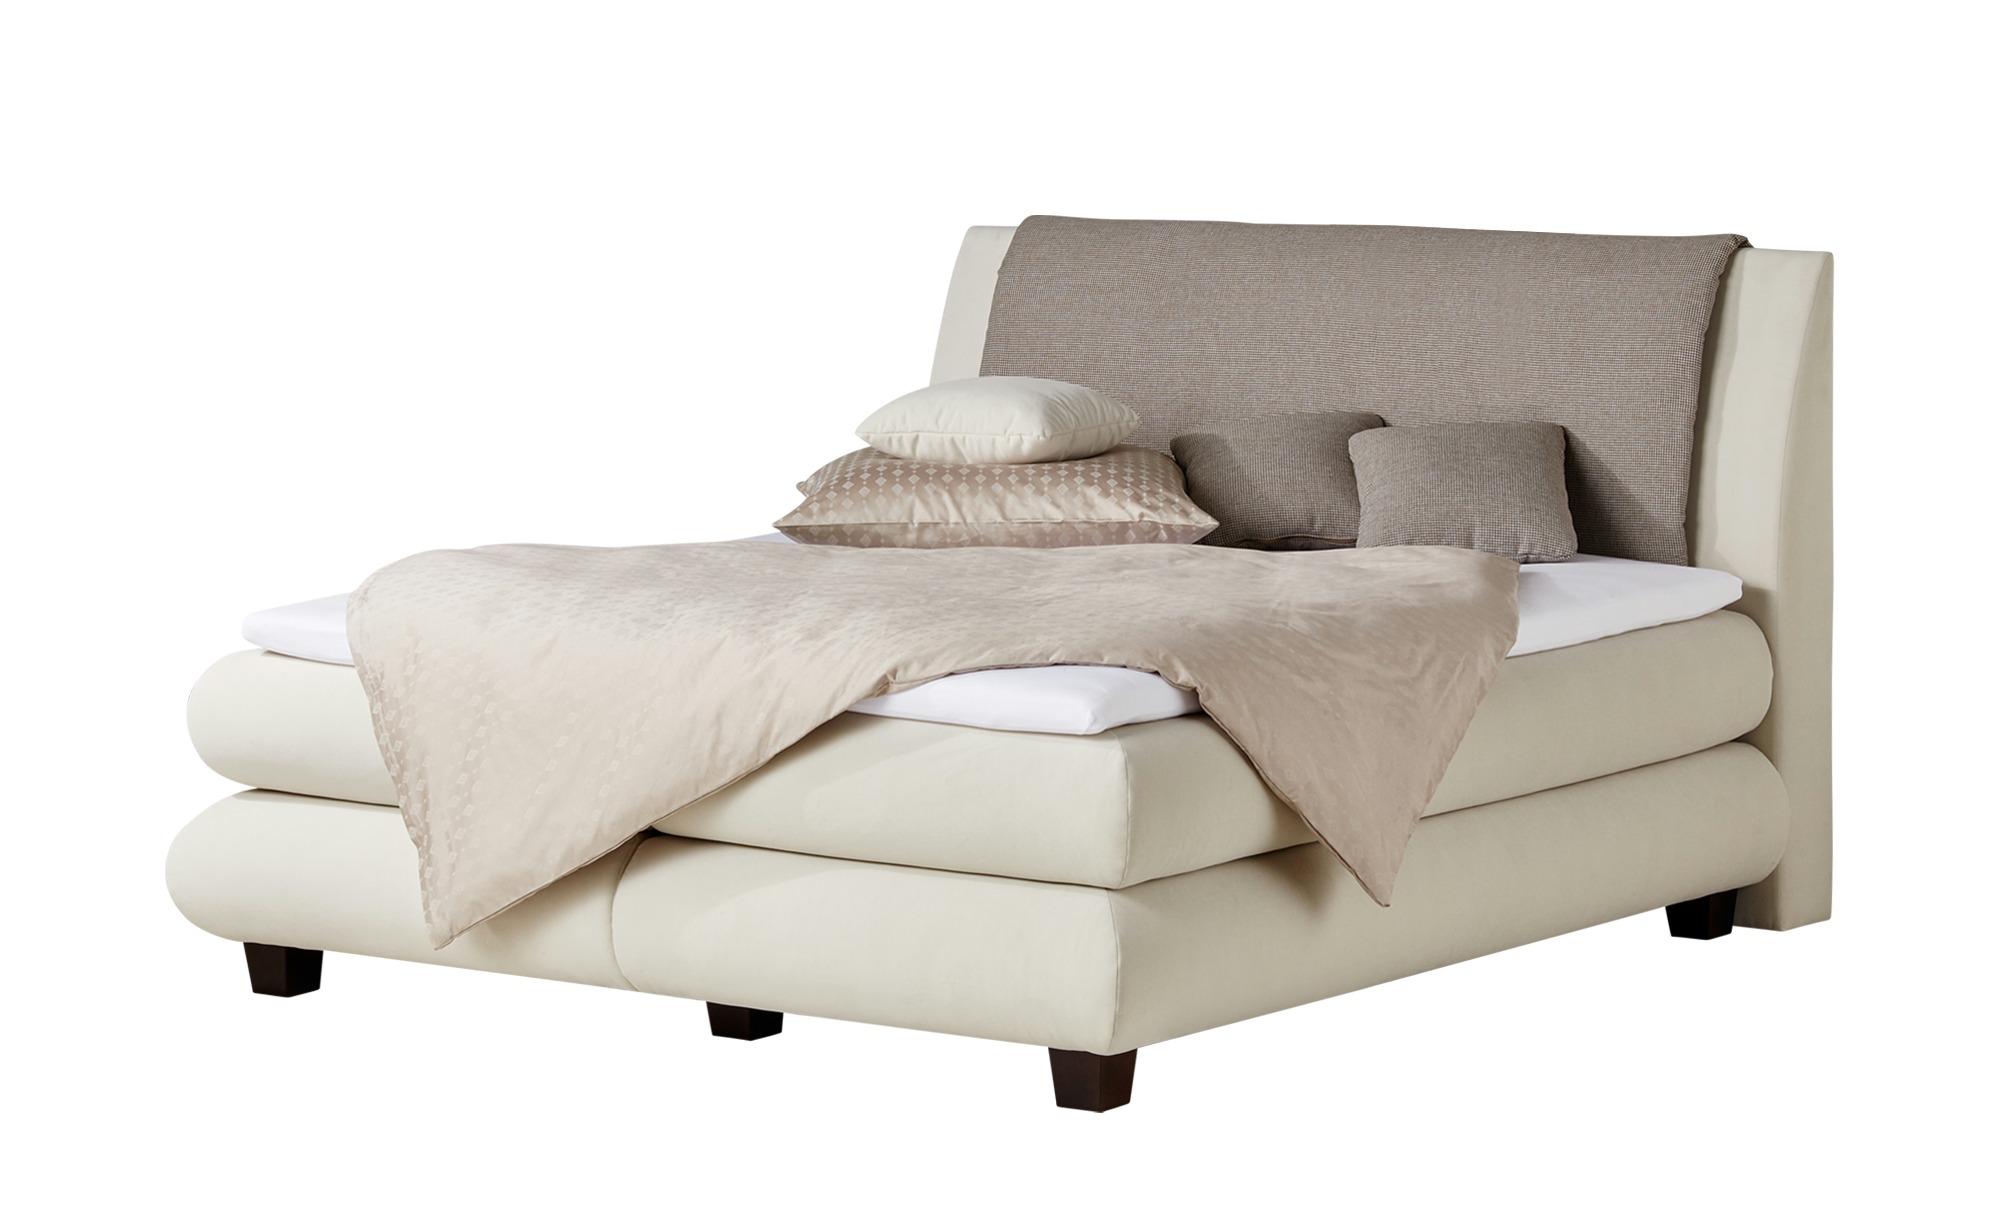 Full Size of Boxspringbett Beige Samt 180x200 200x200 Premium Wei Hffner Sofa Schlafzimmer Set Mit Wohnzimmer Boxspringbett Beige Samt